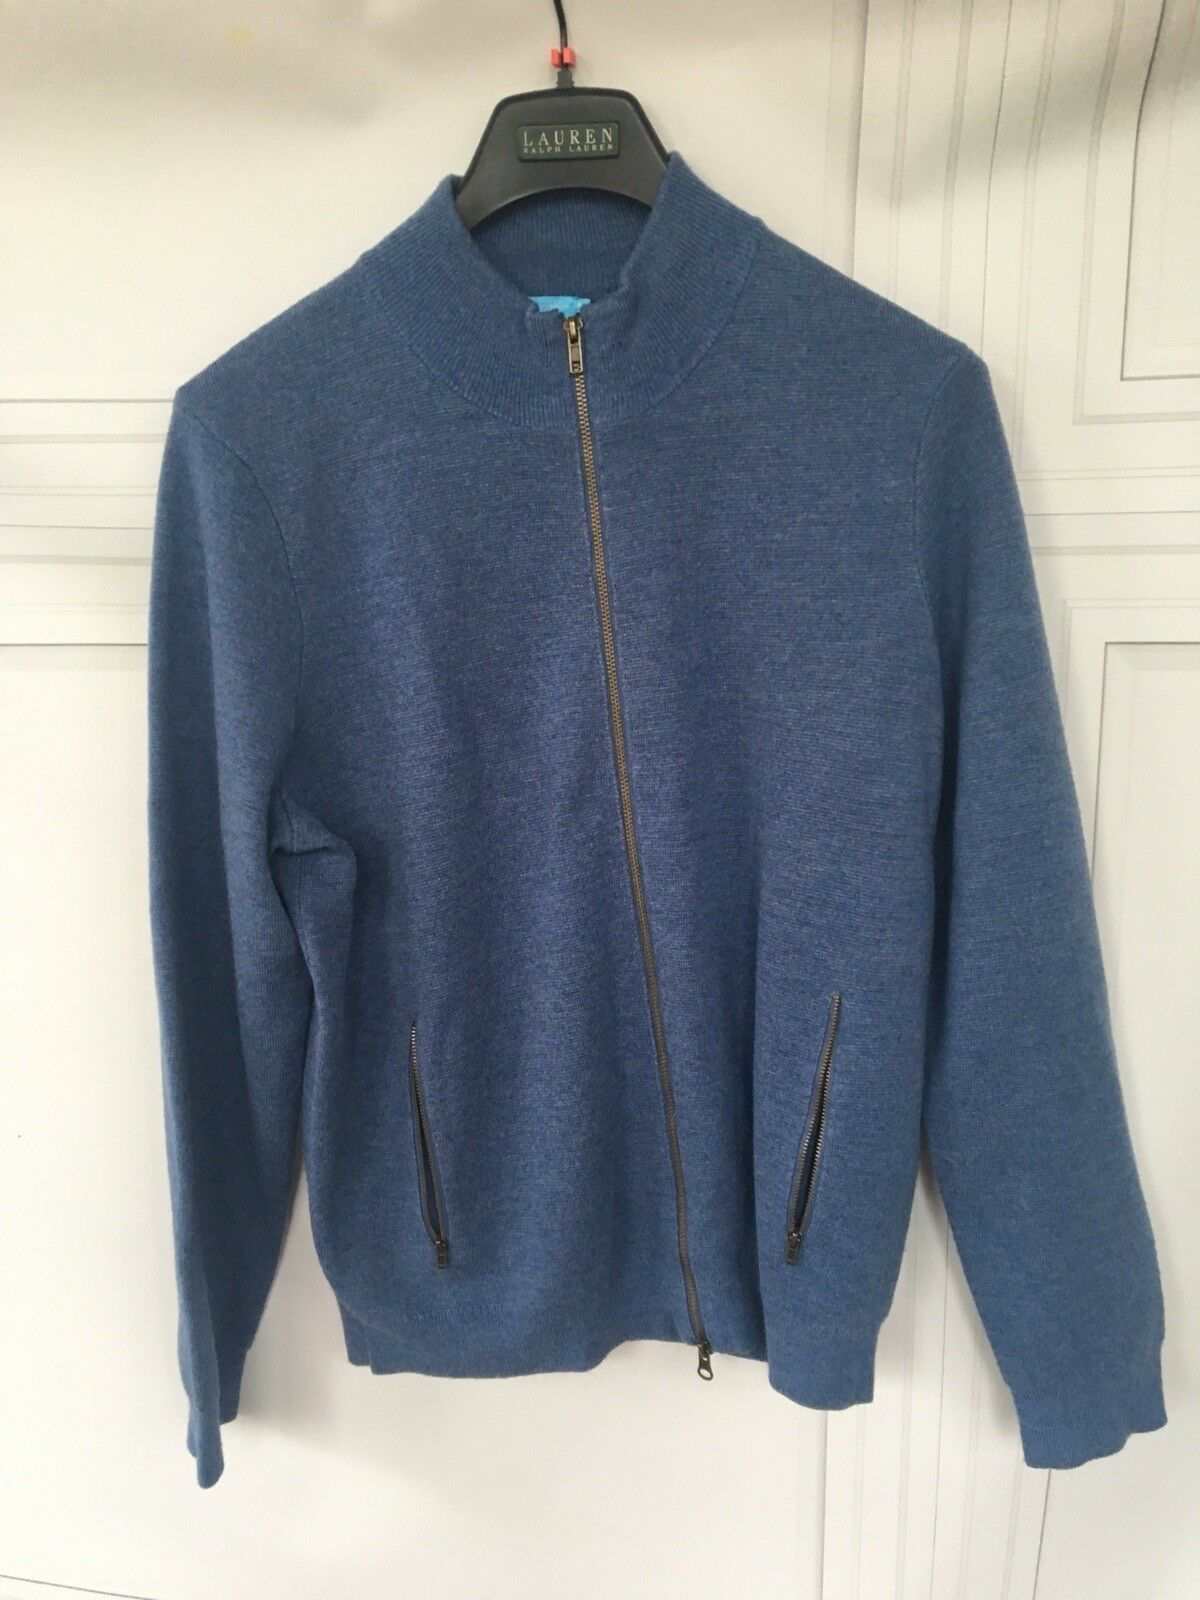 J McLaughlin  Herren Fitz Sweater in Blau Heather Sz XL